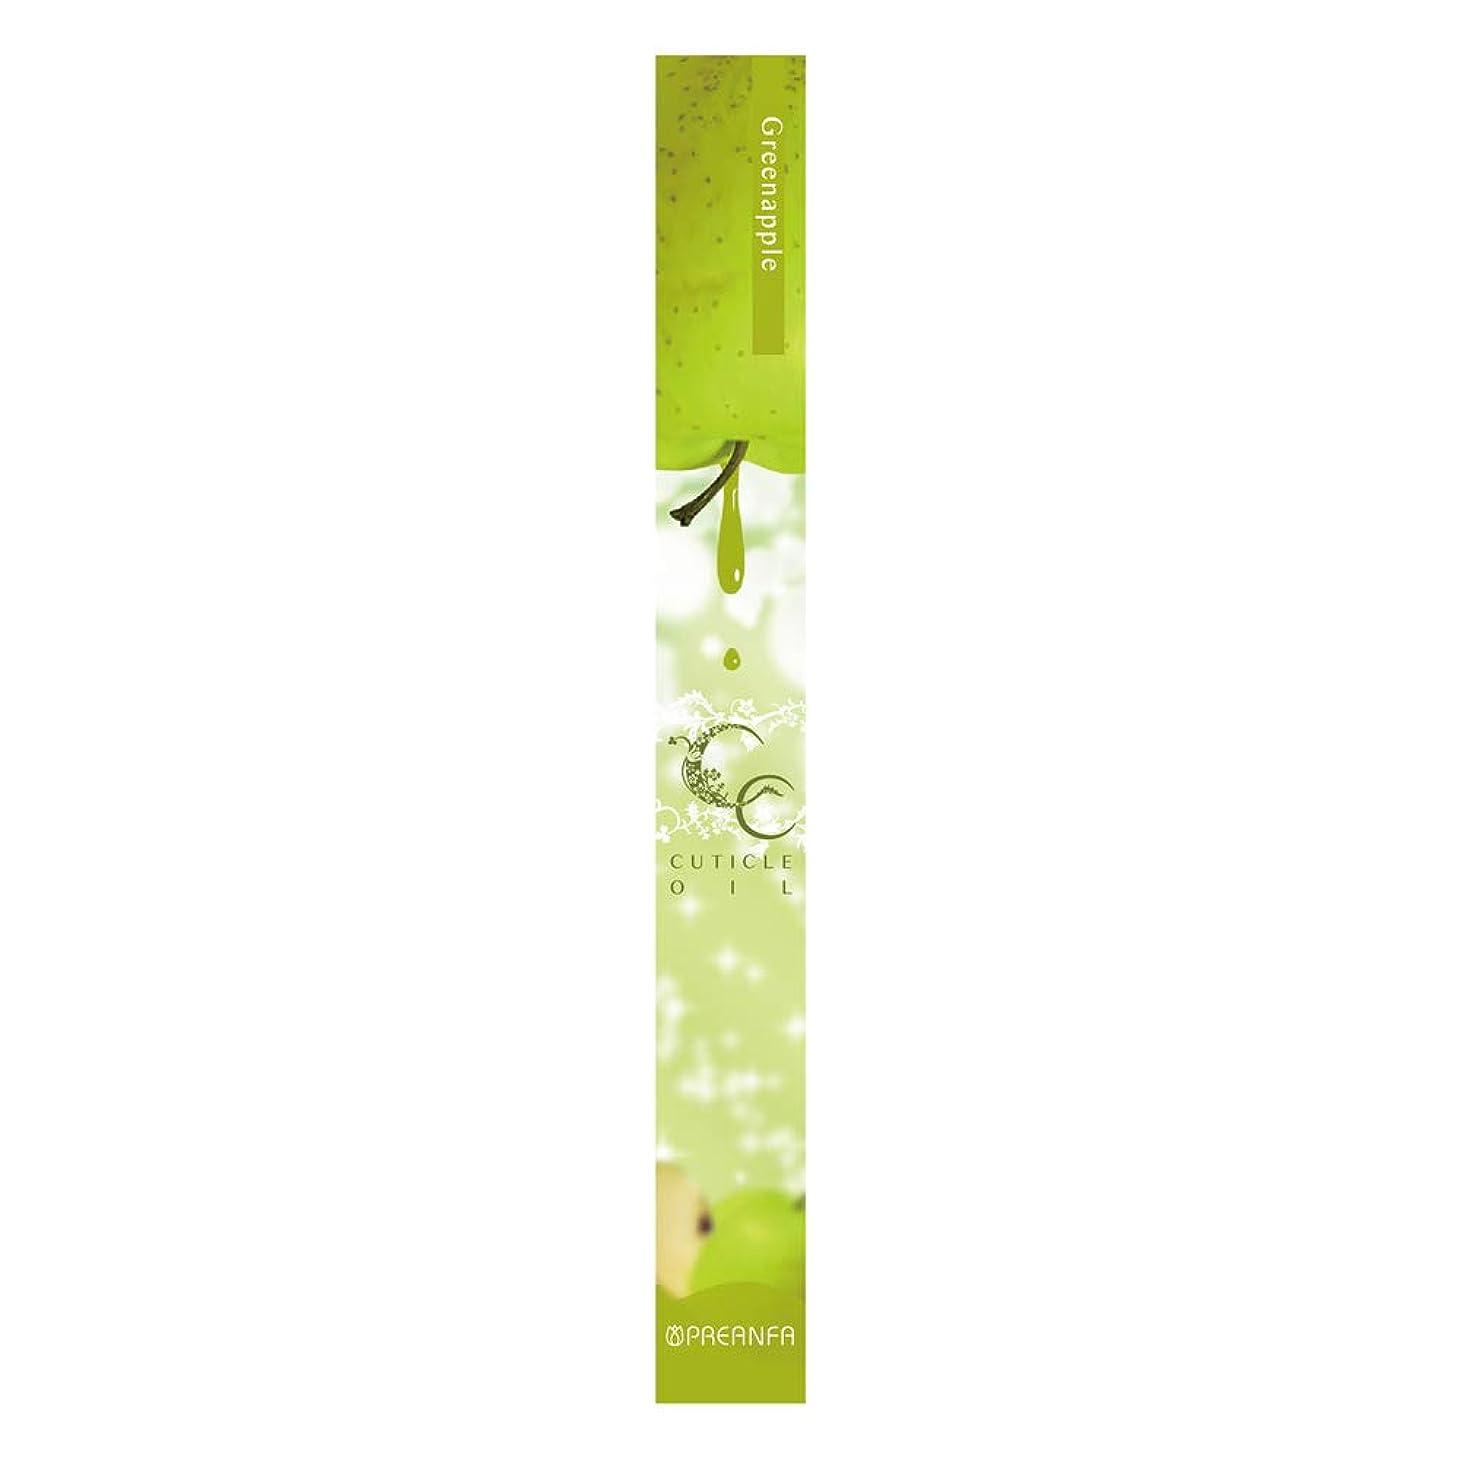 バリアに簡単にプリジェル ジェルネイル CCキューティクルオイル グリーンアップル 4.5g 保湿オイル ペンタイプ